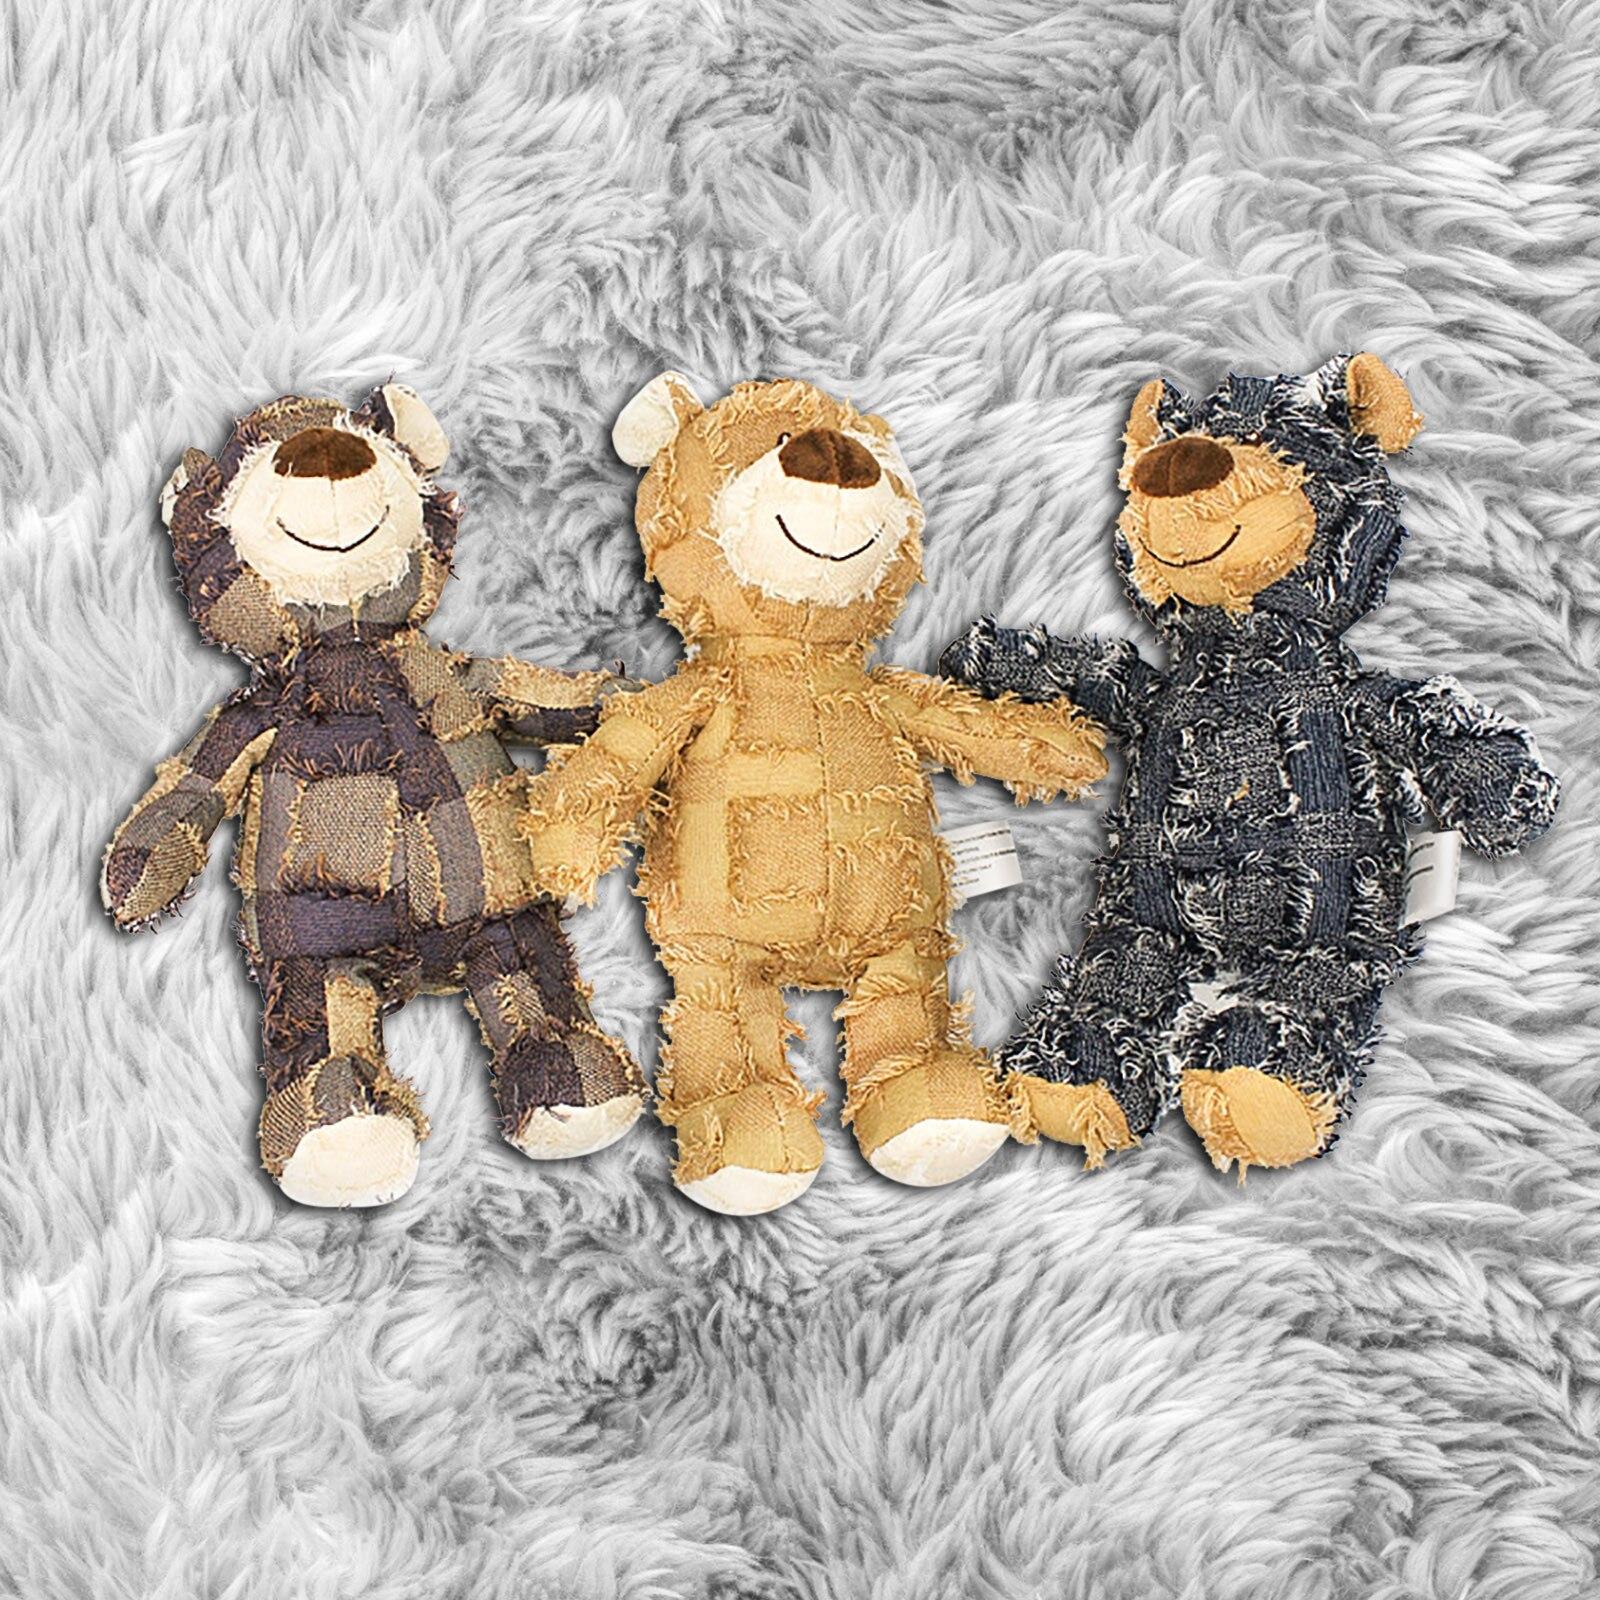 Yeni Euramerican tarzı ses olacak benzersiz dilenci hayvan ayı üç renk isteğe bağlı klasik doğum günü hediyeleri